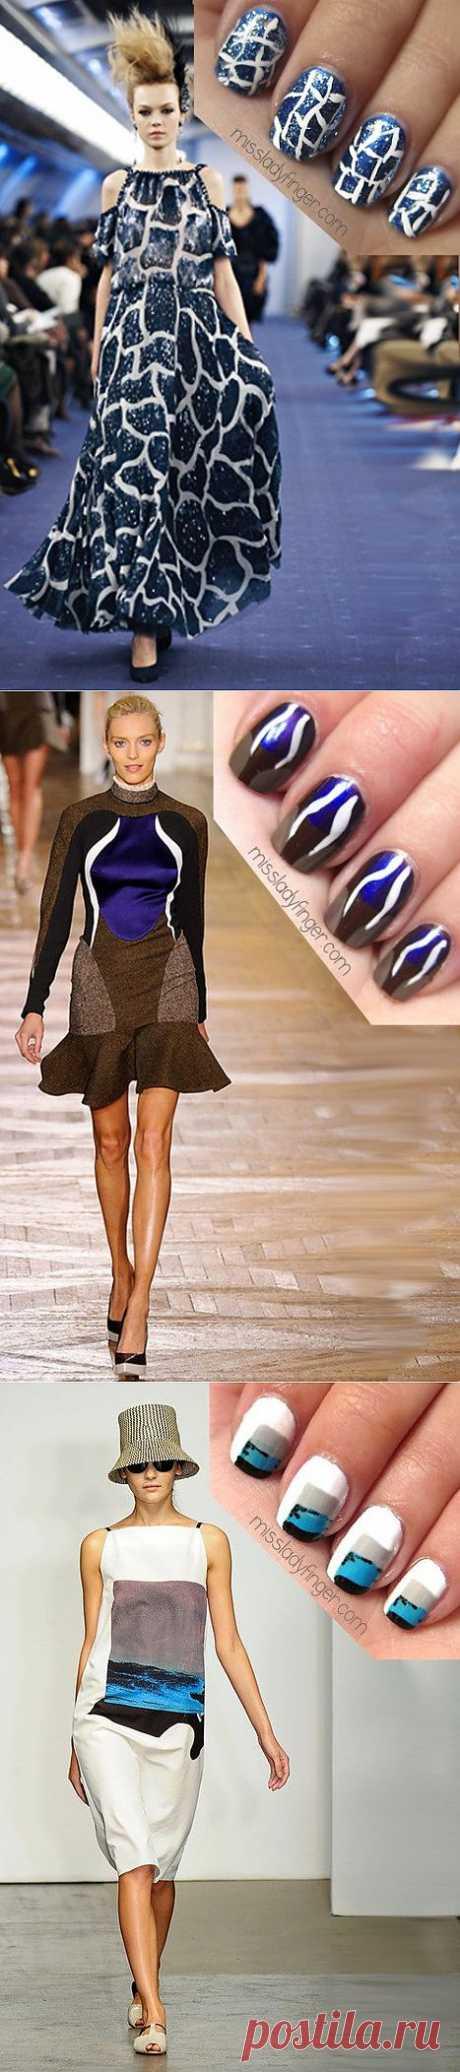 Маникюр как продолжение образа / Детали / Модный сайт о стильной переделке одежды и интерьера